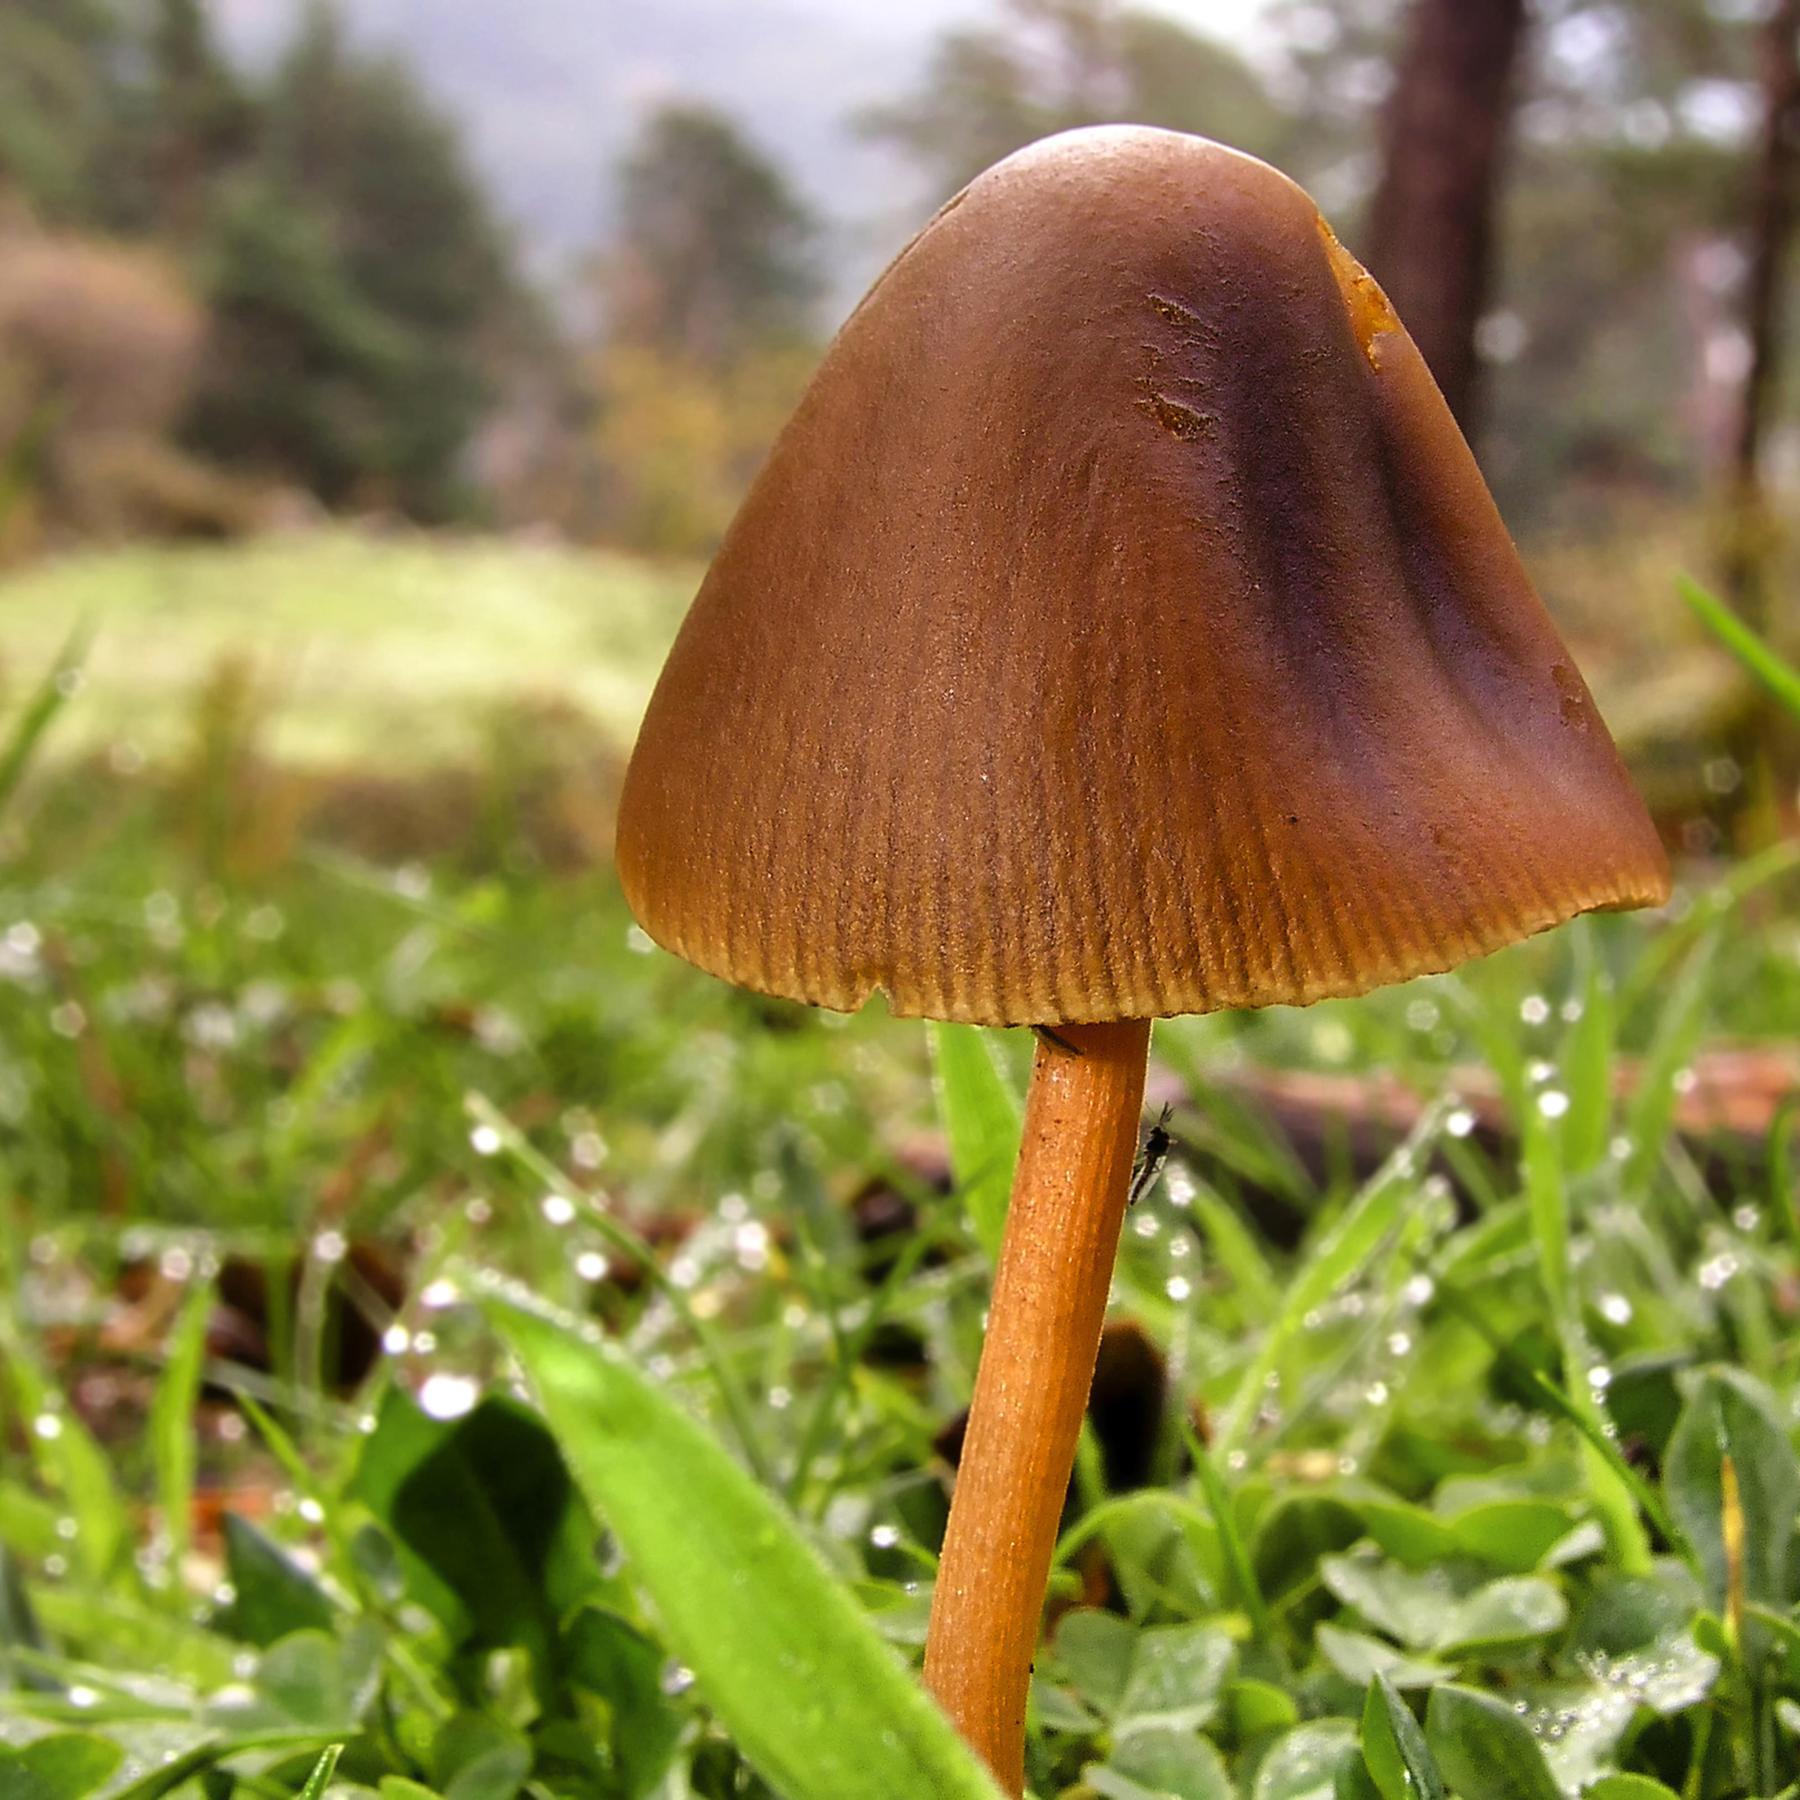 Alleskönner Pilze - Vom Baustoff bis zum Bodenreiniger